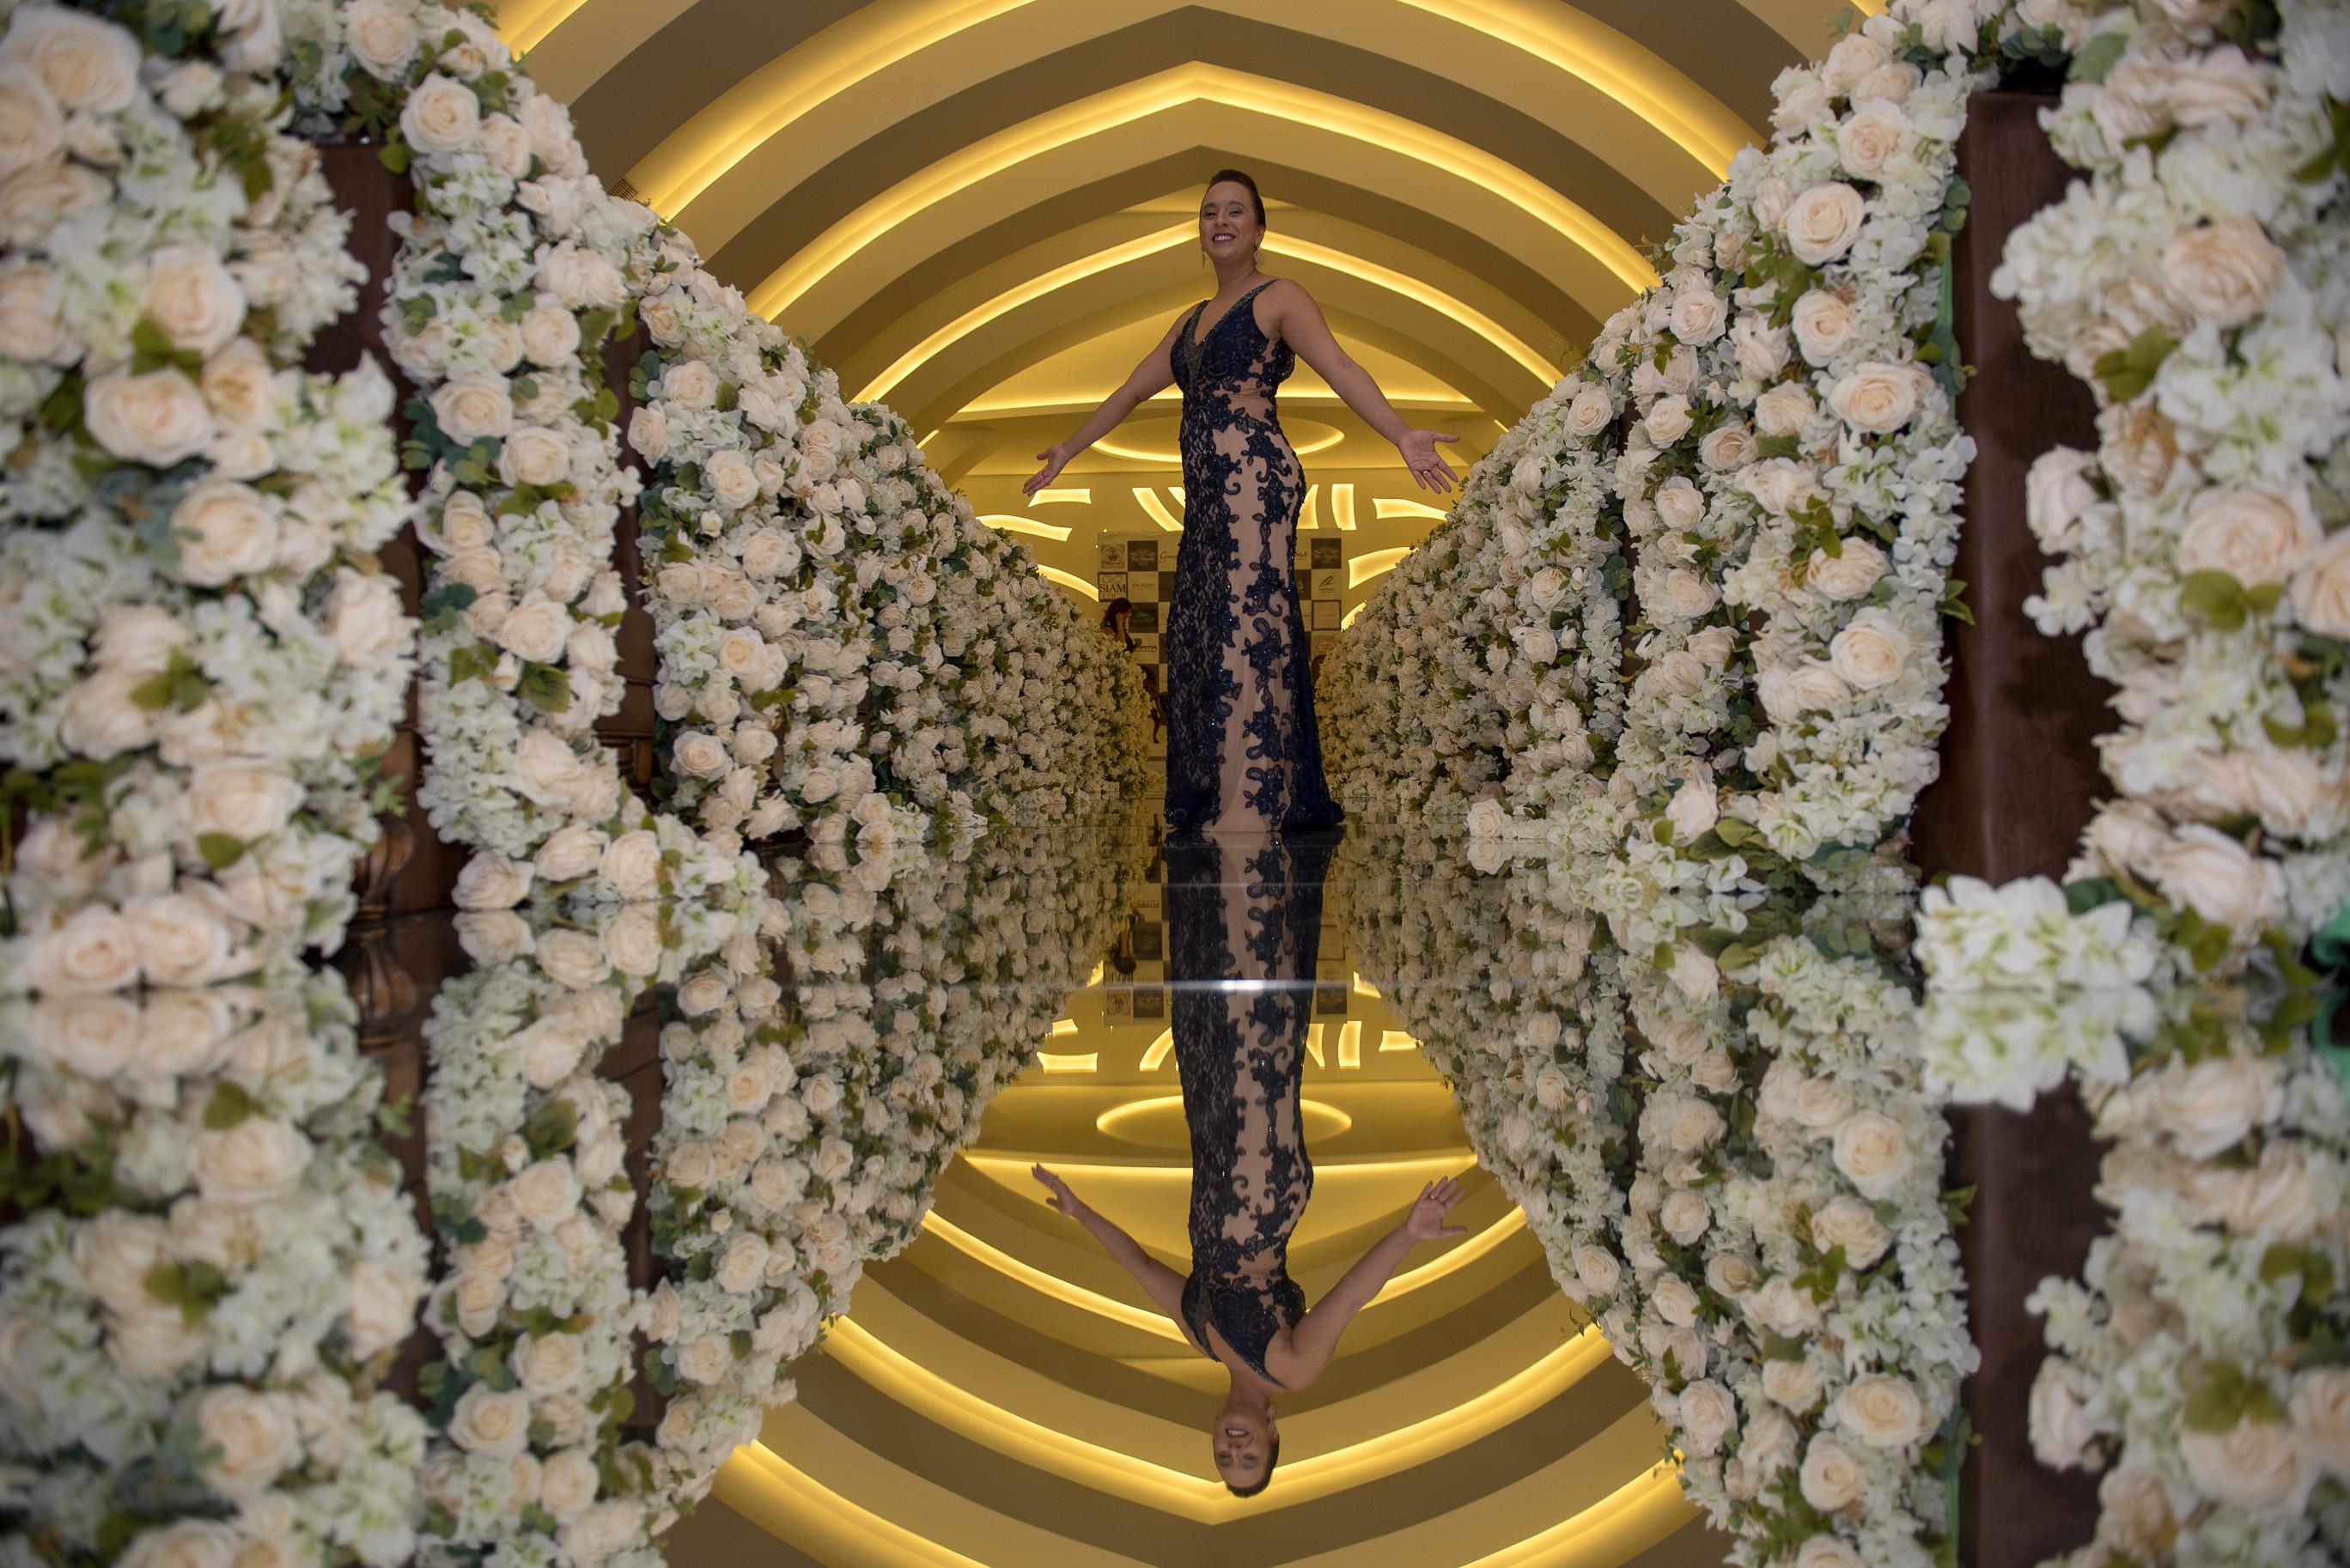 Val du Arte em seu corredor de flores brancas, na Mansão Adélia Prado, para o aniversário de 50 anos da cantora Mara Maravilha